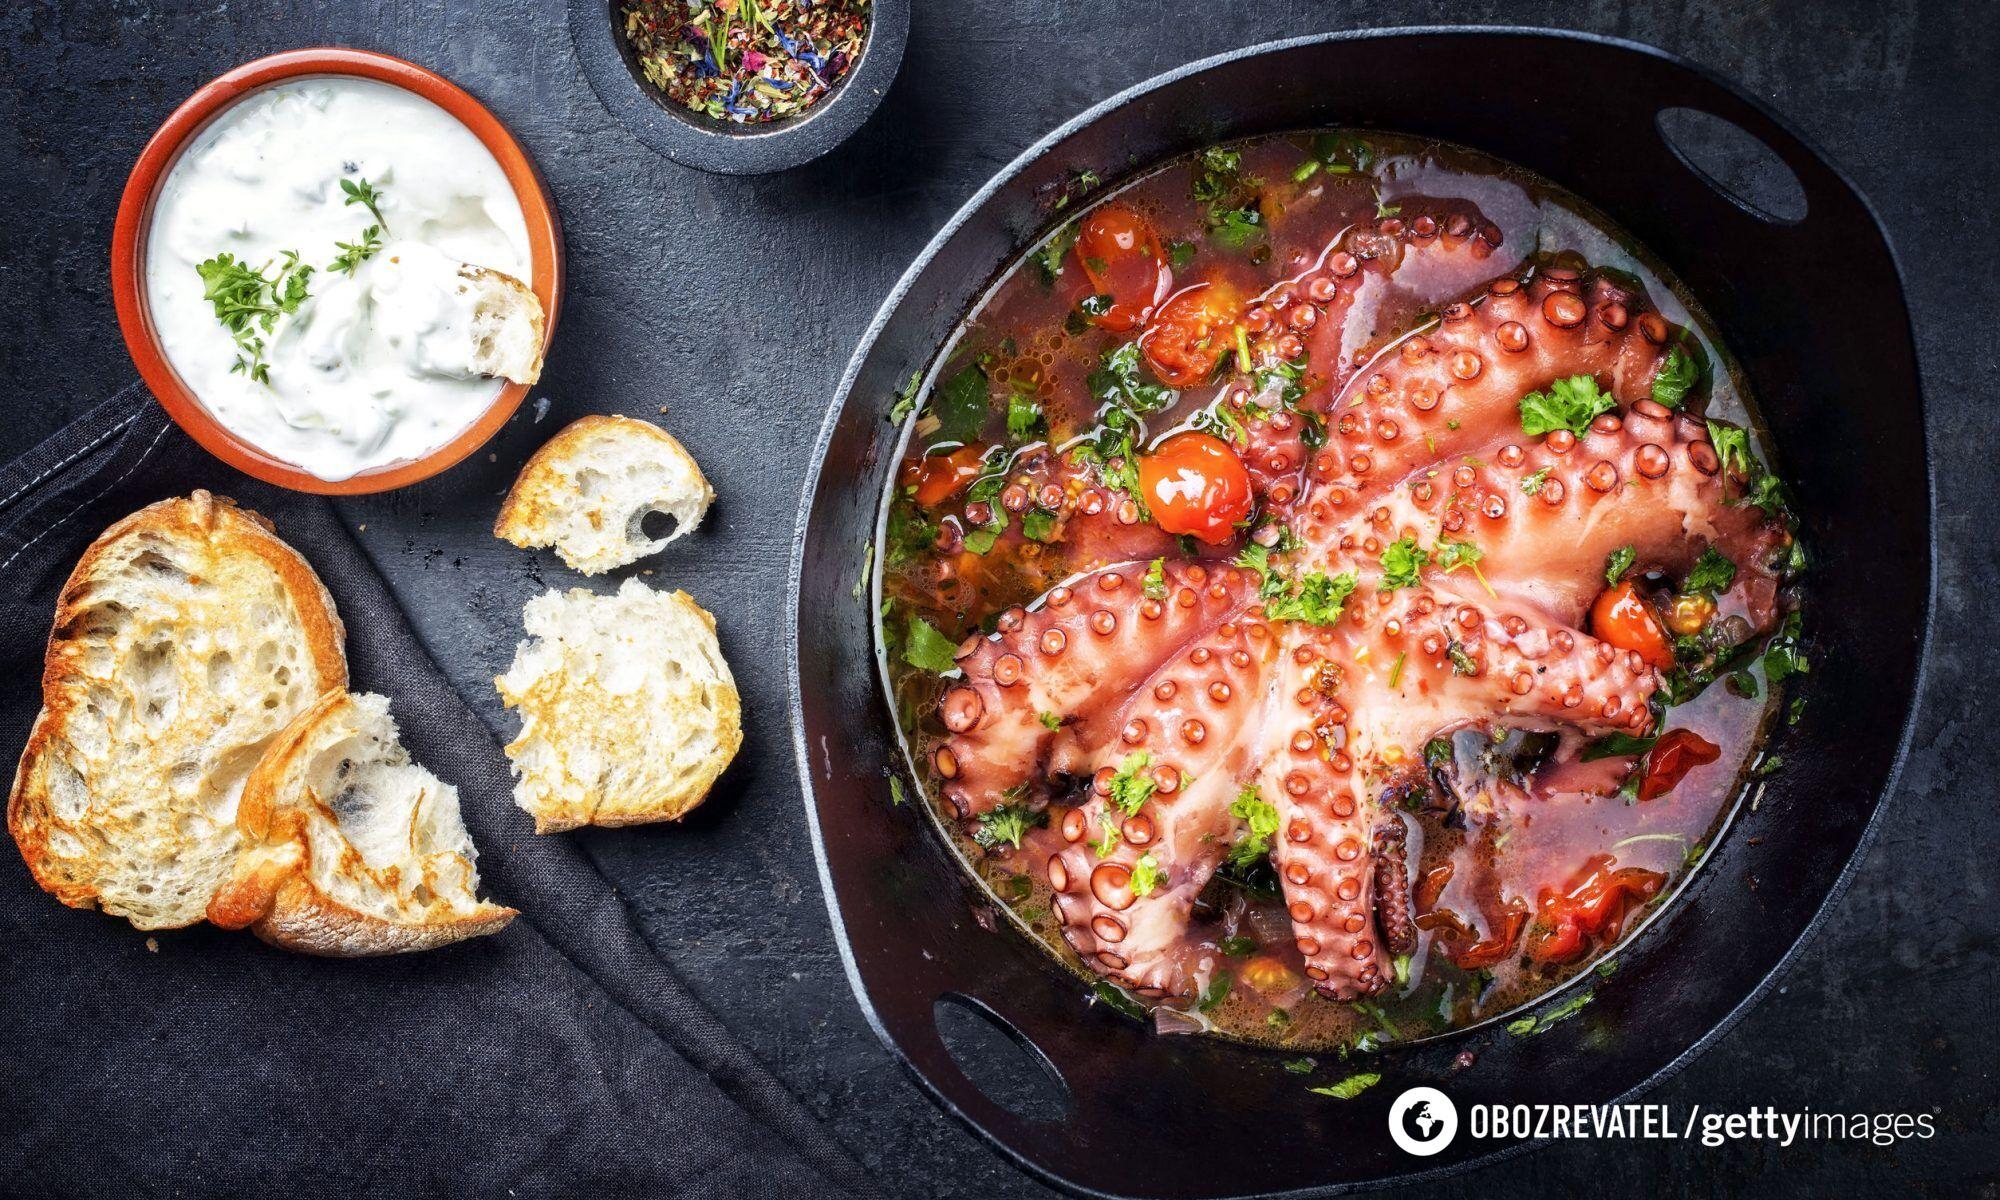 Блюда из осьминога могут быть опасными